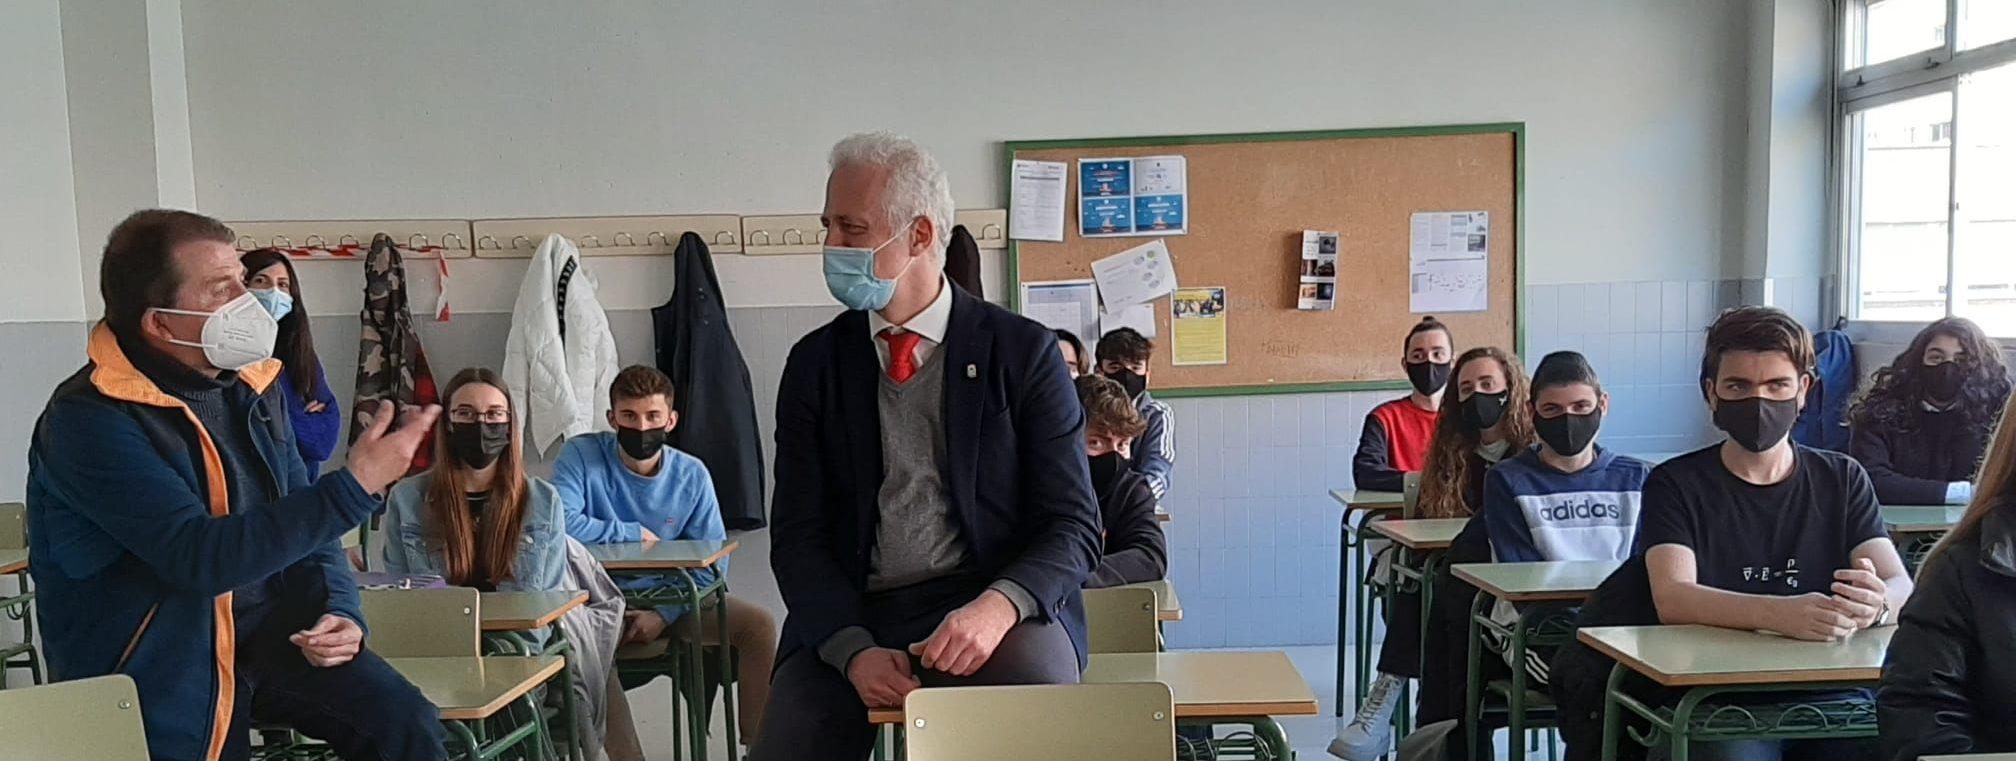 El Alcalde de Logroño intercambia los proyectos medioambientales del Ayuntamiento con los alumnos de 2º de Bachilleratro